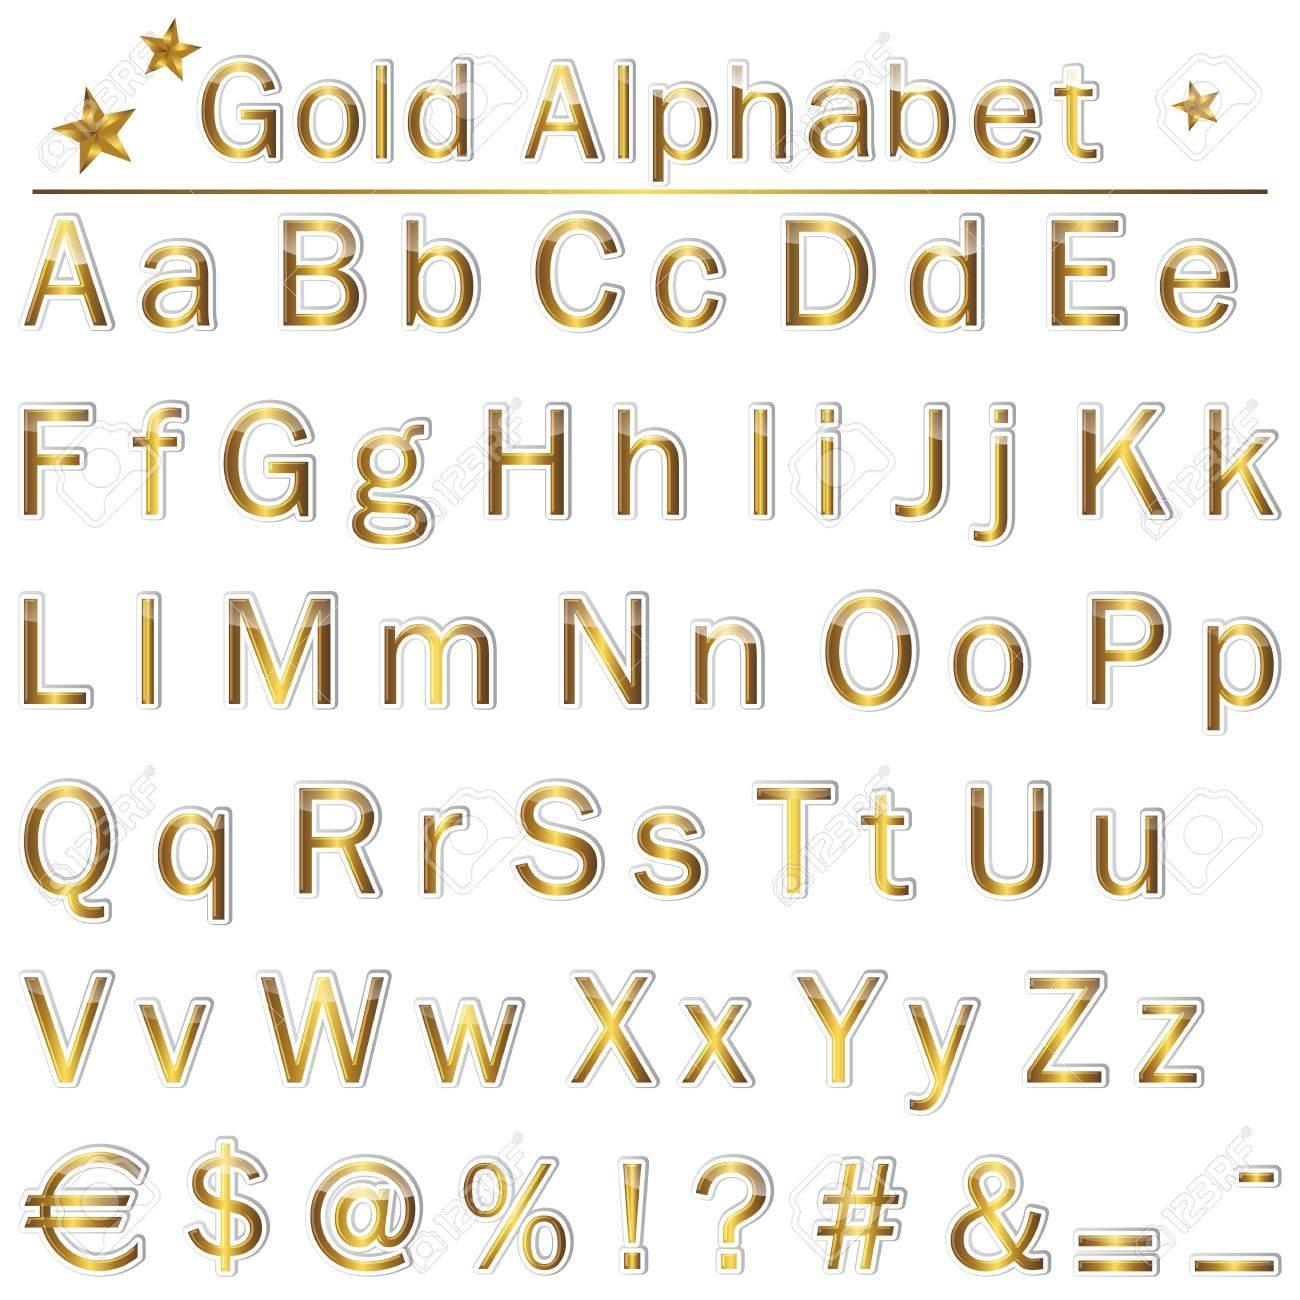 Préférence L'alphabet En Anglais Or, Signes De Ponctuation Et Les Symboles  EL43